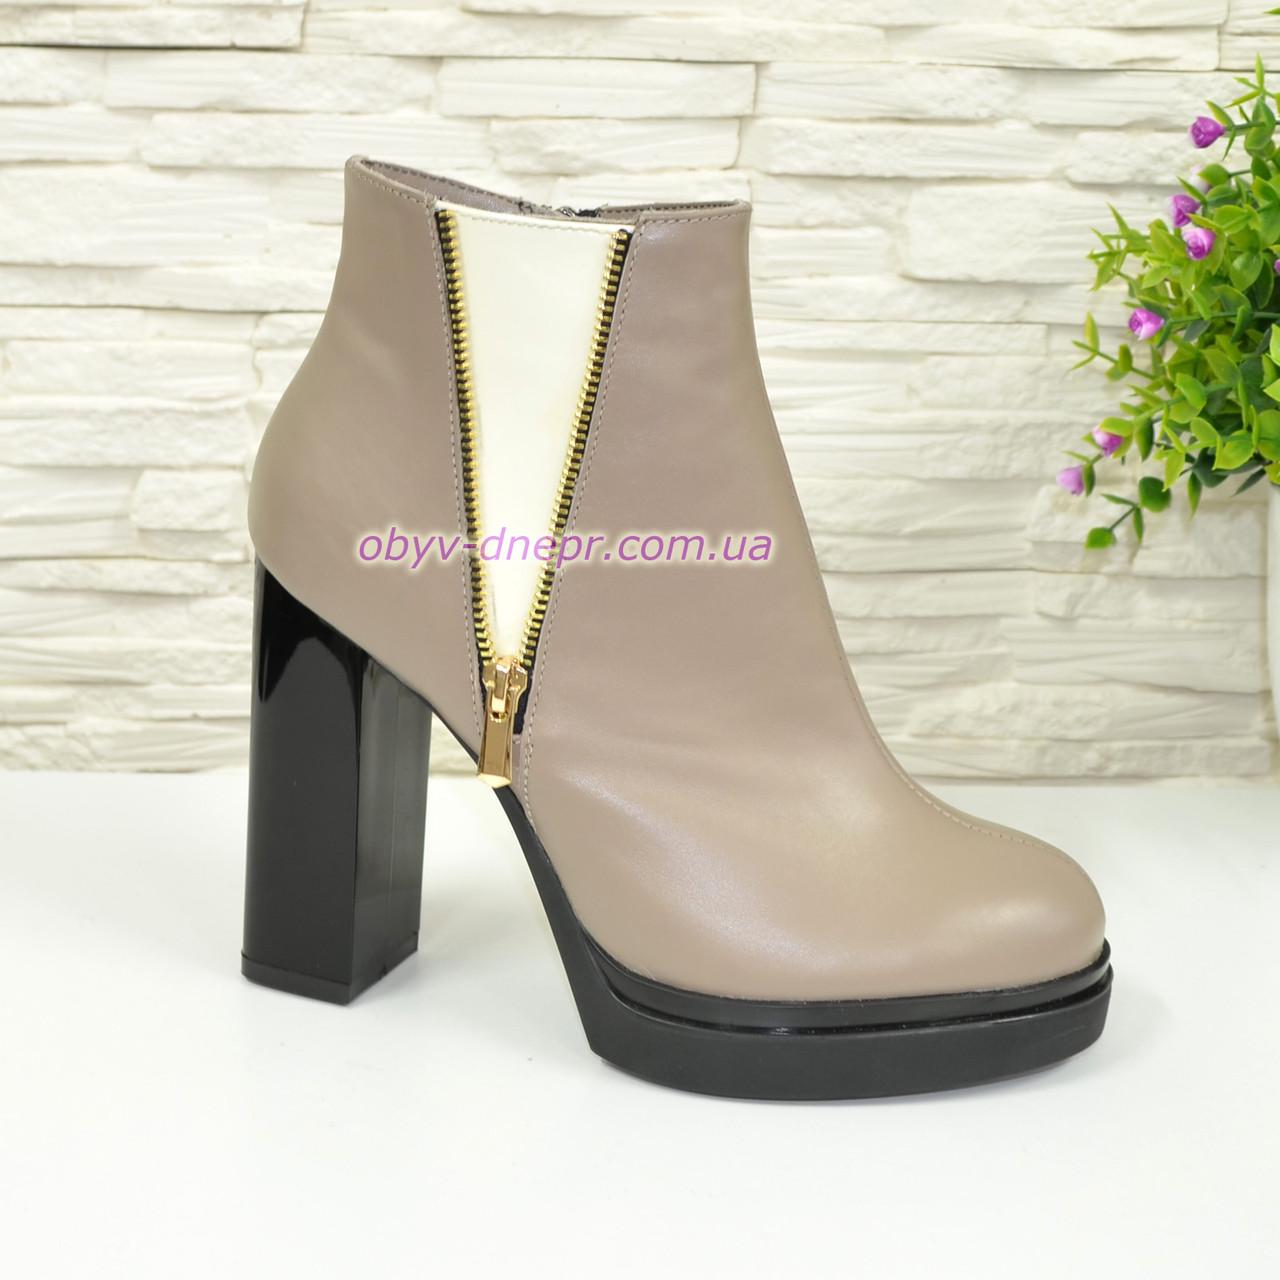 Полуботинки женские на высоком каблуке, цвет визон/бежевый